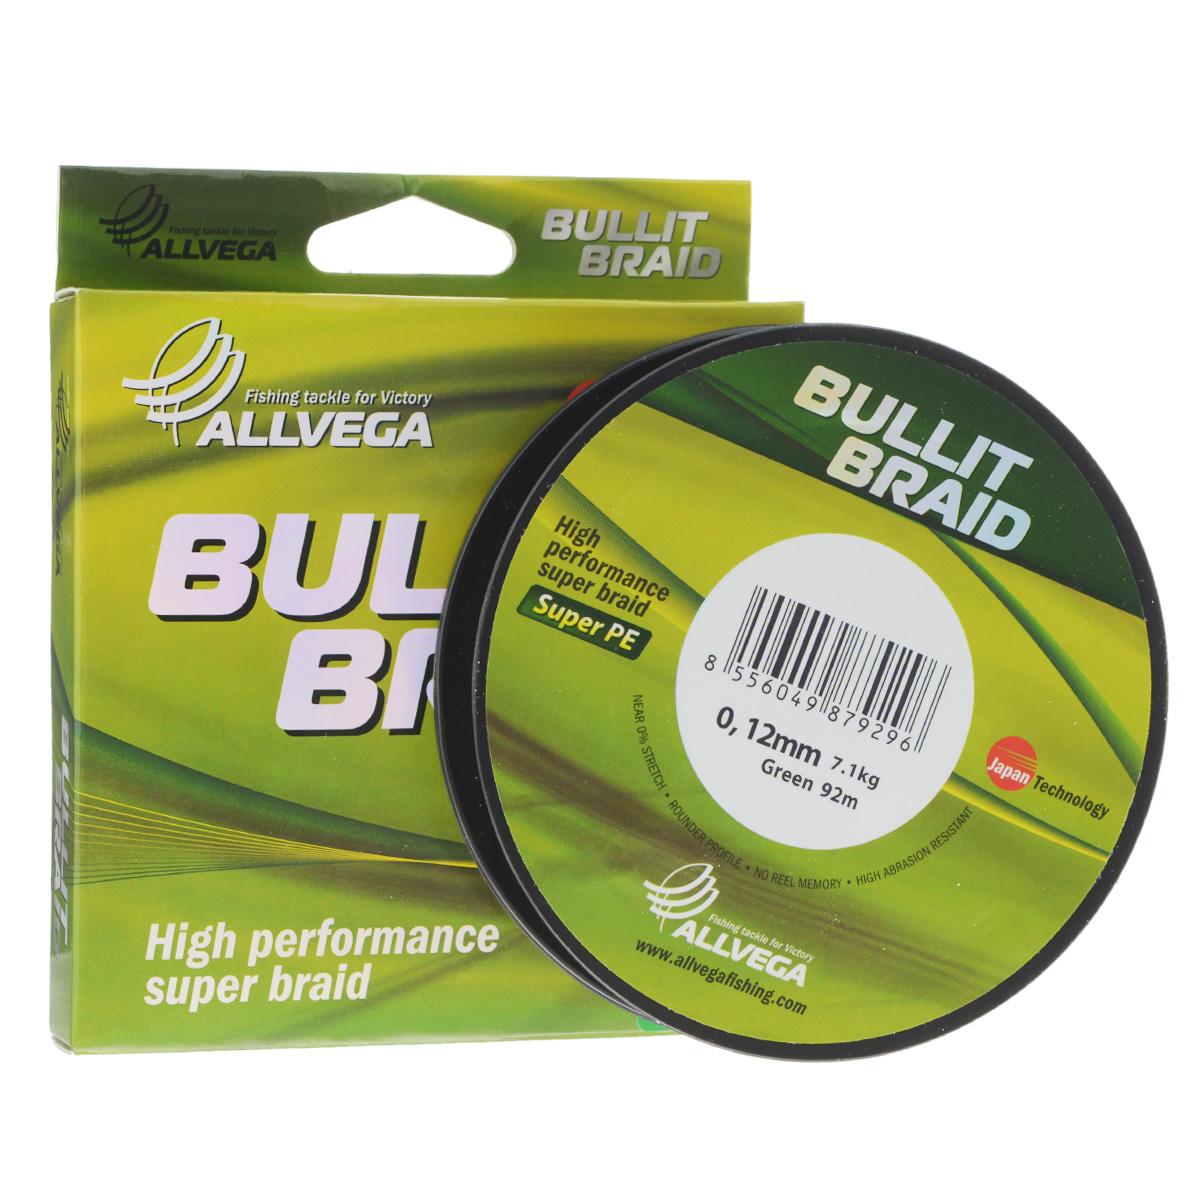 Леска плетеная Allvega Bullit Braid, цвет: темно-зеленый, 92 м, 0,12 мм, 7,1 кг39951Леска Allvega Bullit Braid с гладкой поверхностью и одинаковым сечением по всей длине обладает высокой износостойкостью. Благодаря микроволокнам полиэтилена (Super PE) леска имеет очень плотное плетение и не впитывает воду. Леску Allvega Bullit Braid можно применять в любых типах водоемов. Особенности:повышенная износостойкость;высокая чувствительность - коэффициент растяжения близок к нулю;отсутствует память; идеально гладкая поверхность позволяет увеличить дальность забросов; высокая прочность шнура на узлах.